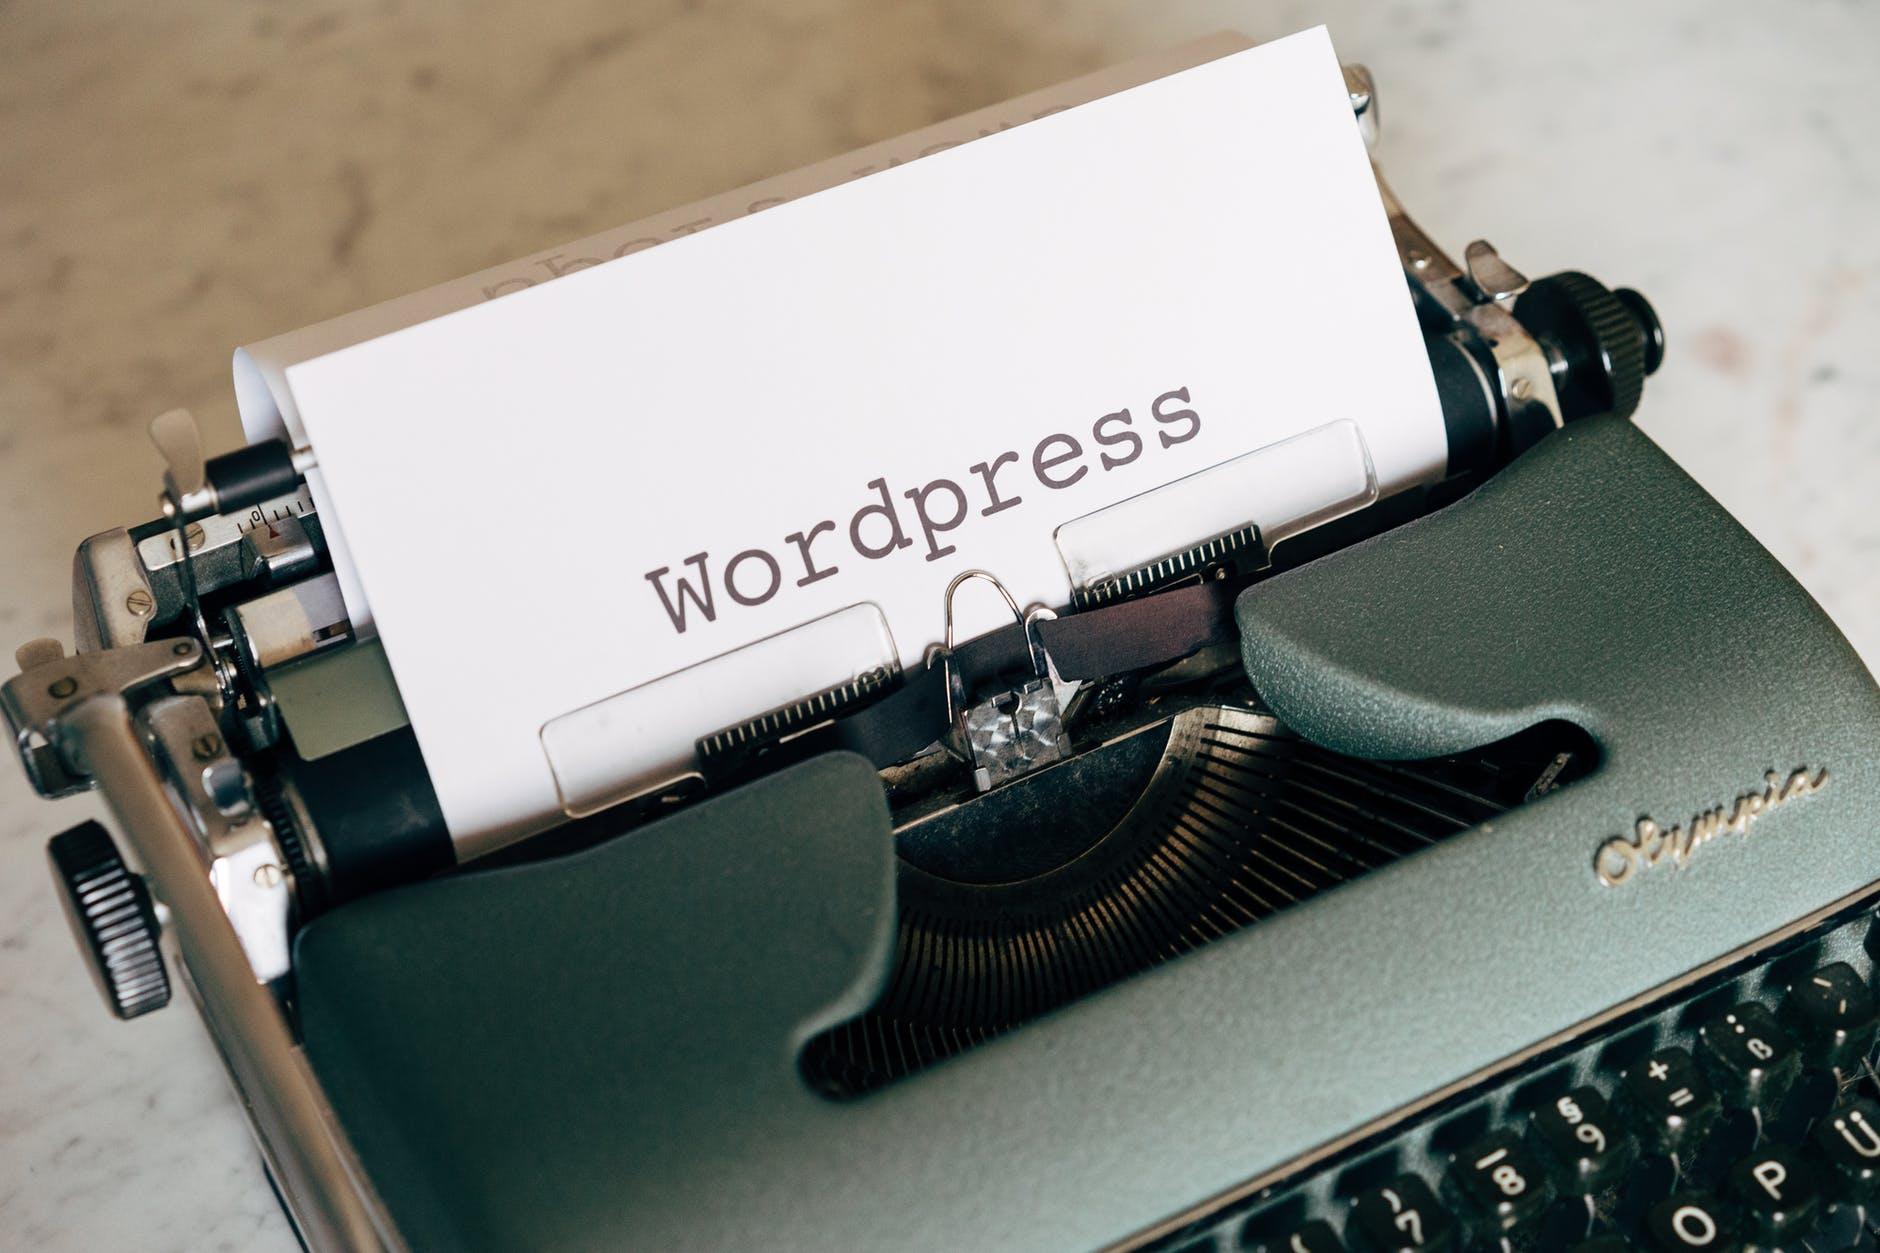 white printer paper on green typewriter